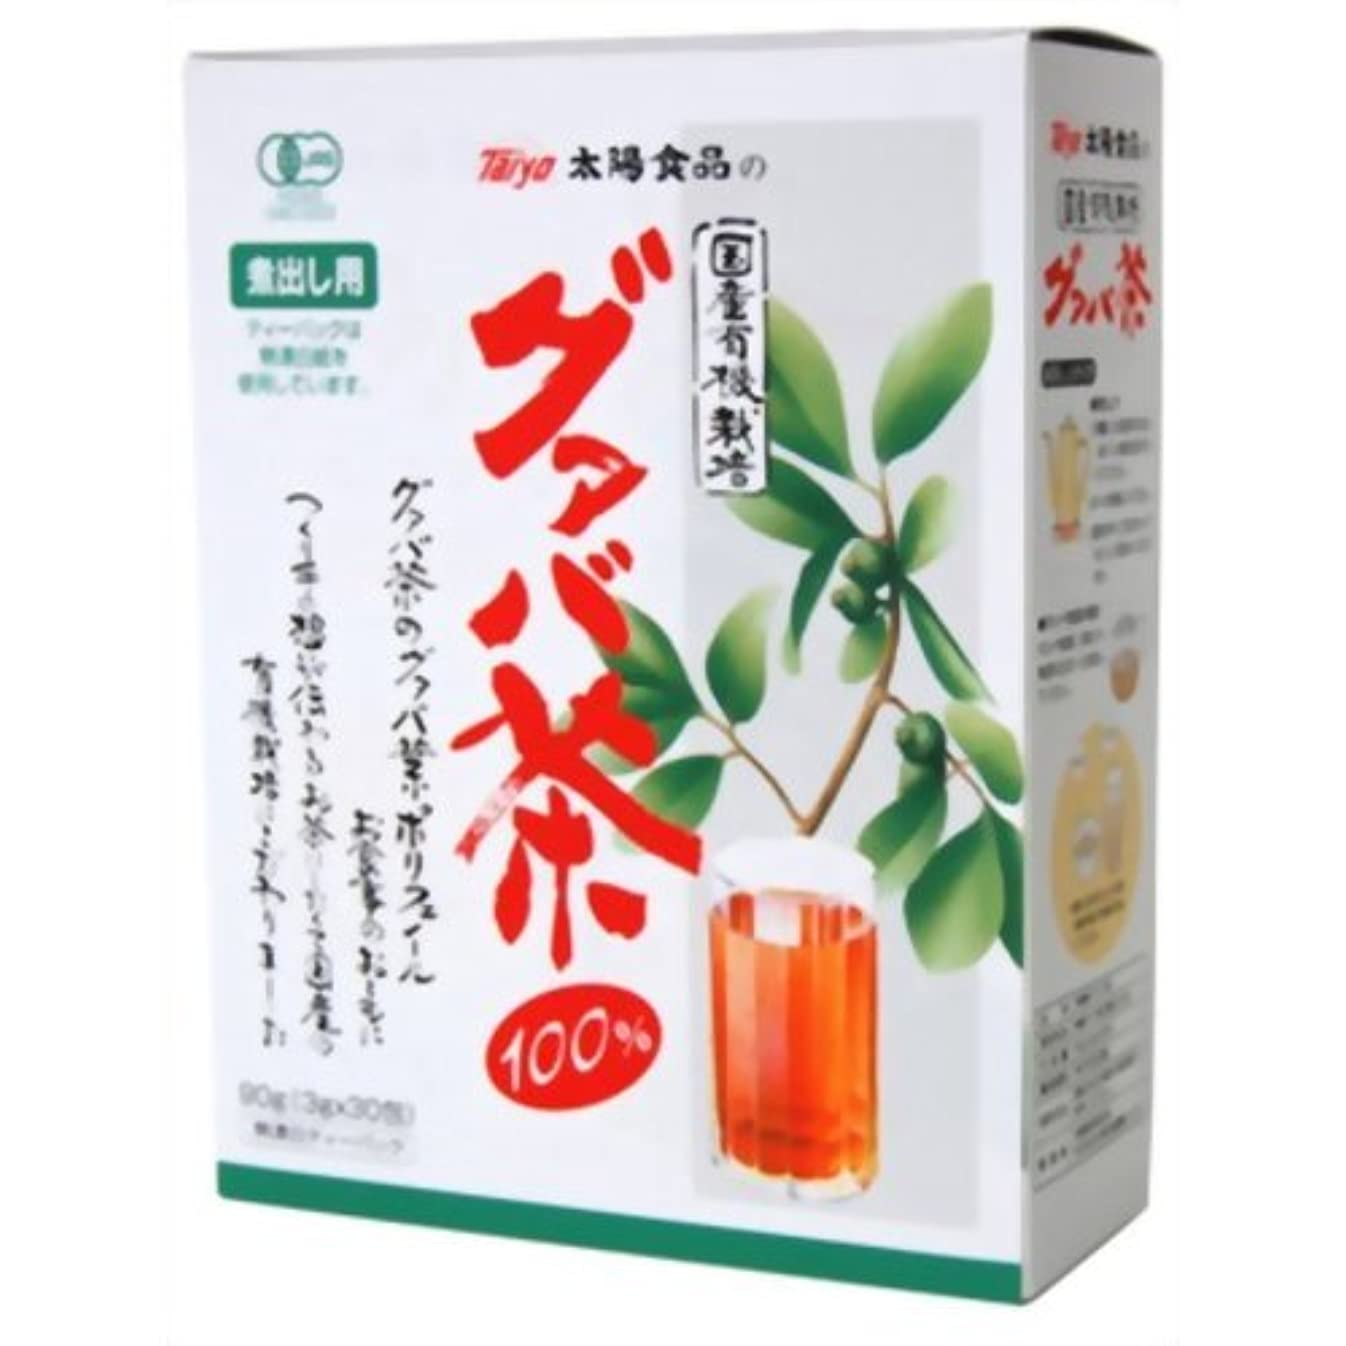 地域移動成熟した国産有機栽培グアバ茶 3gX30包